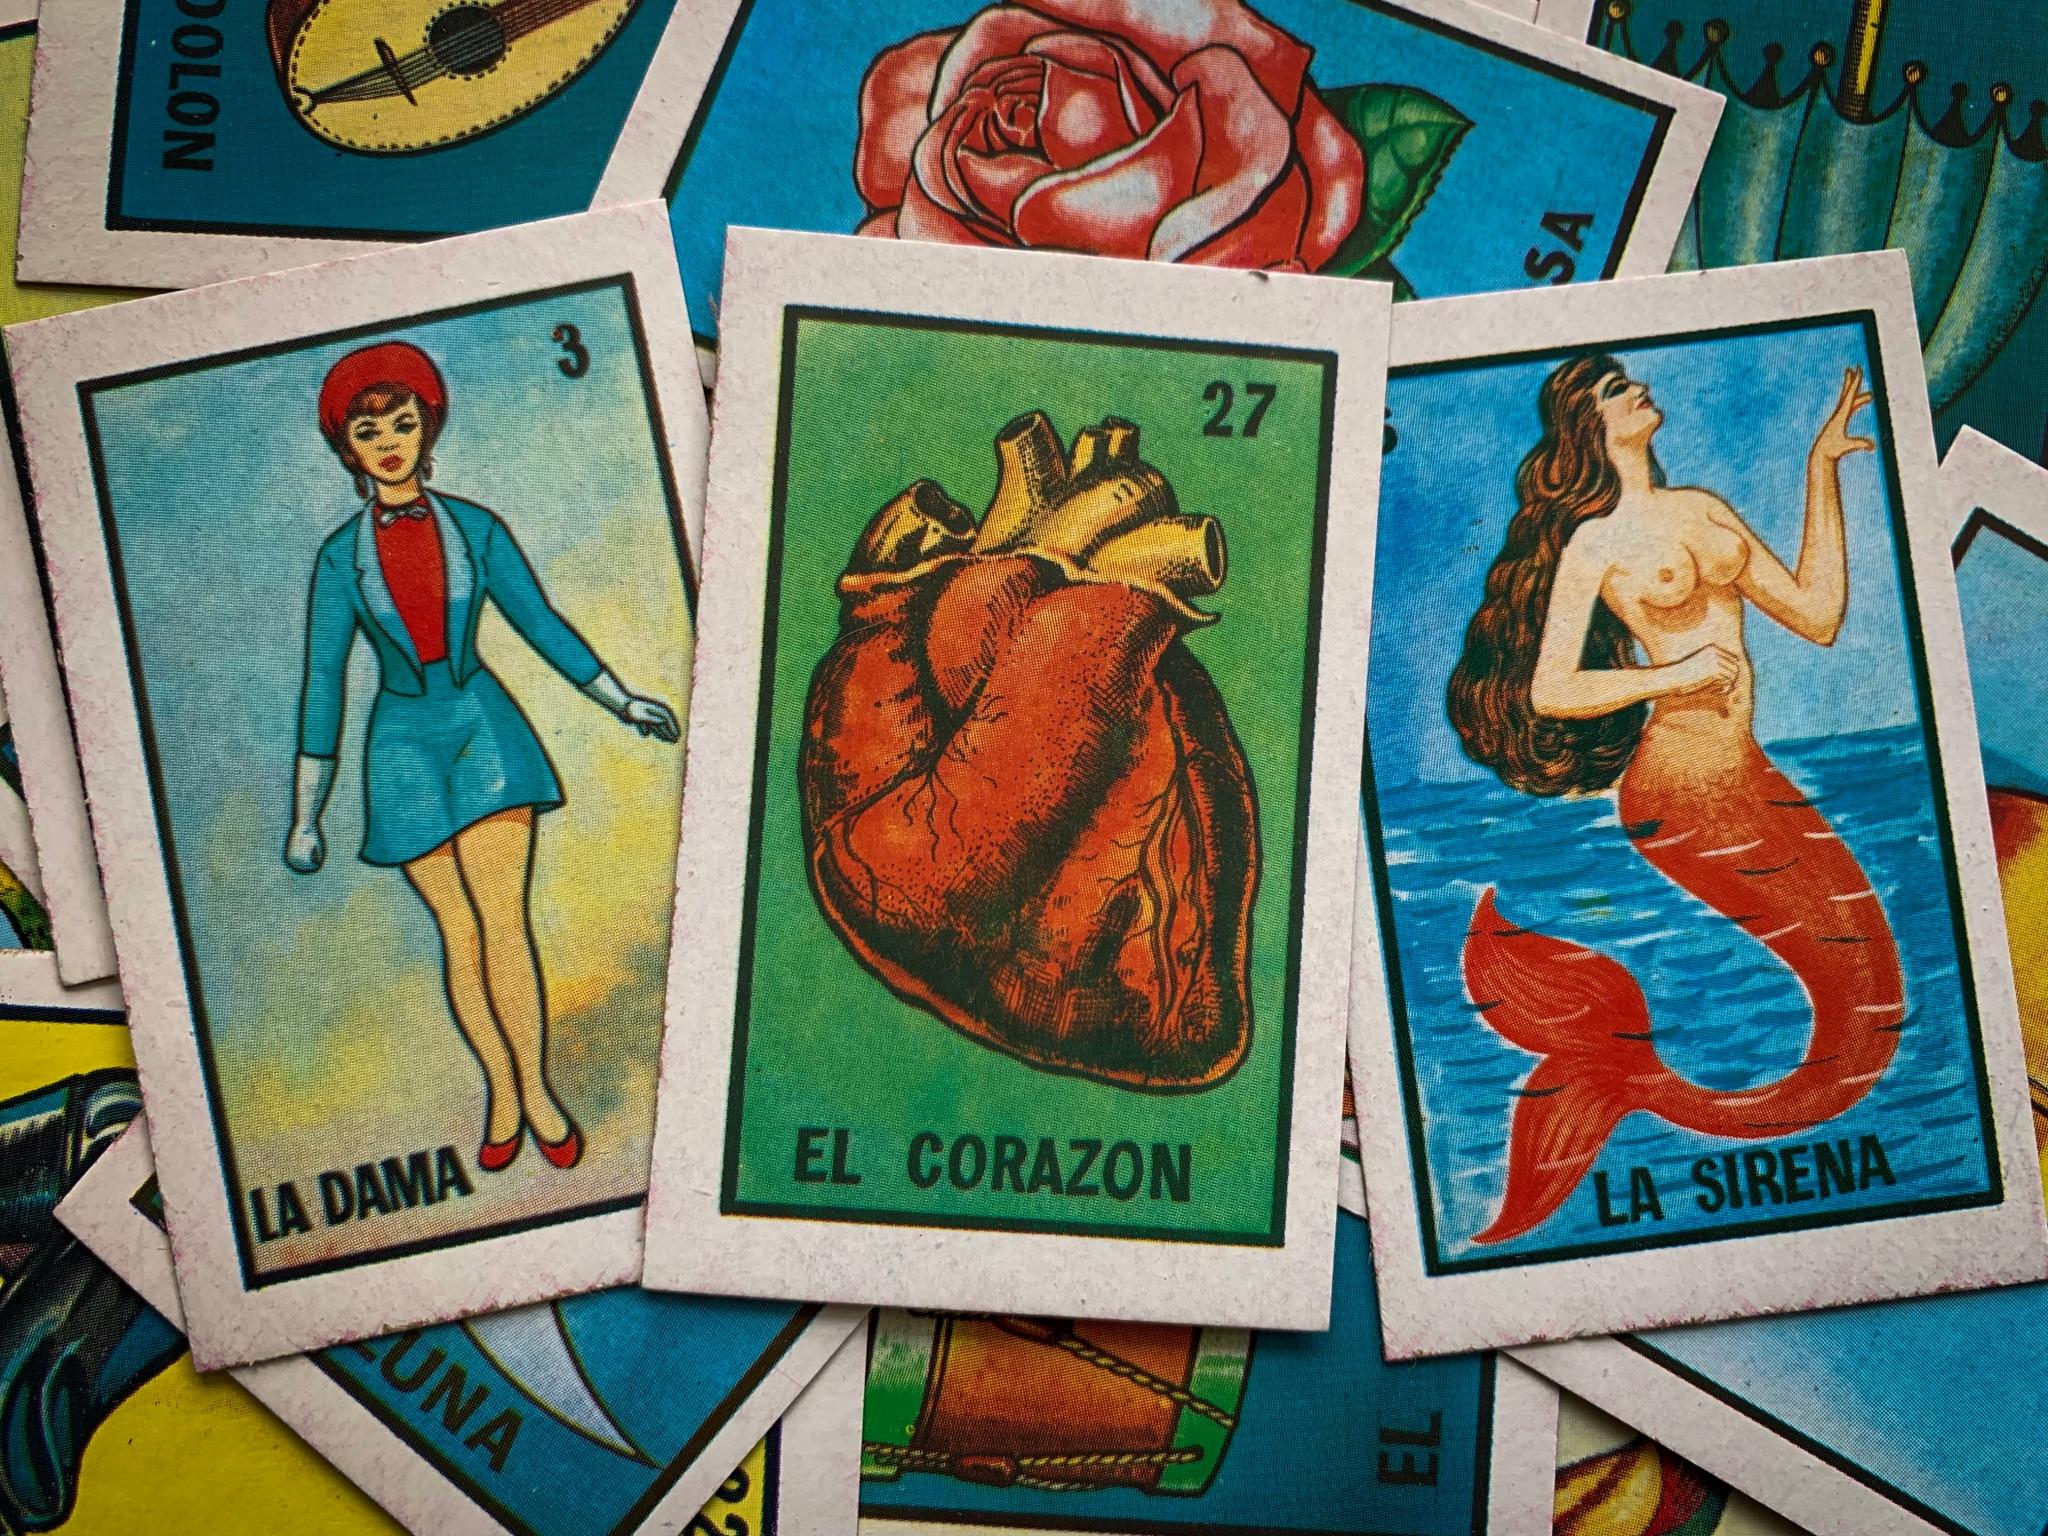 Tarjetas de lotería mexicana